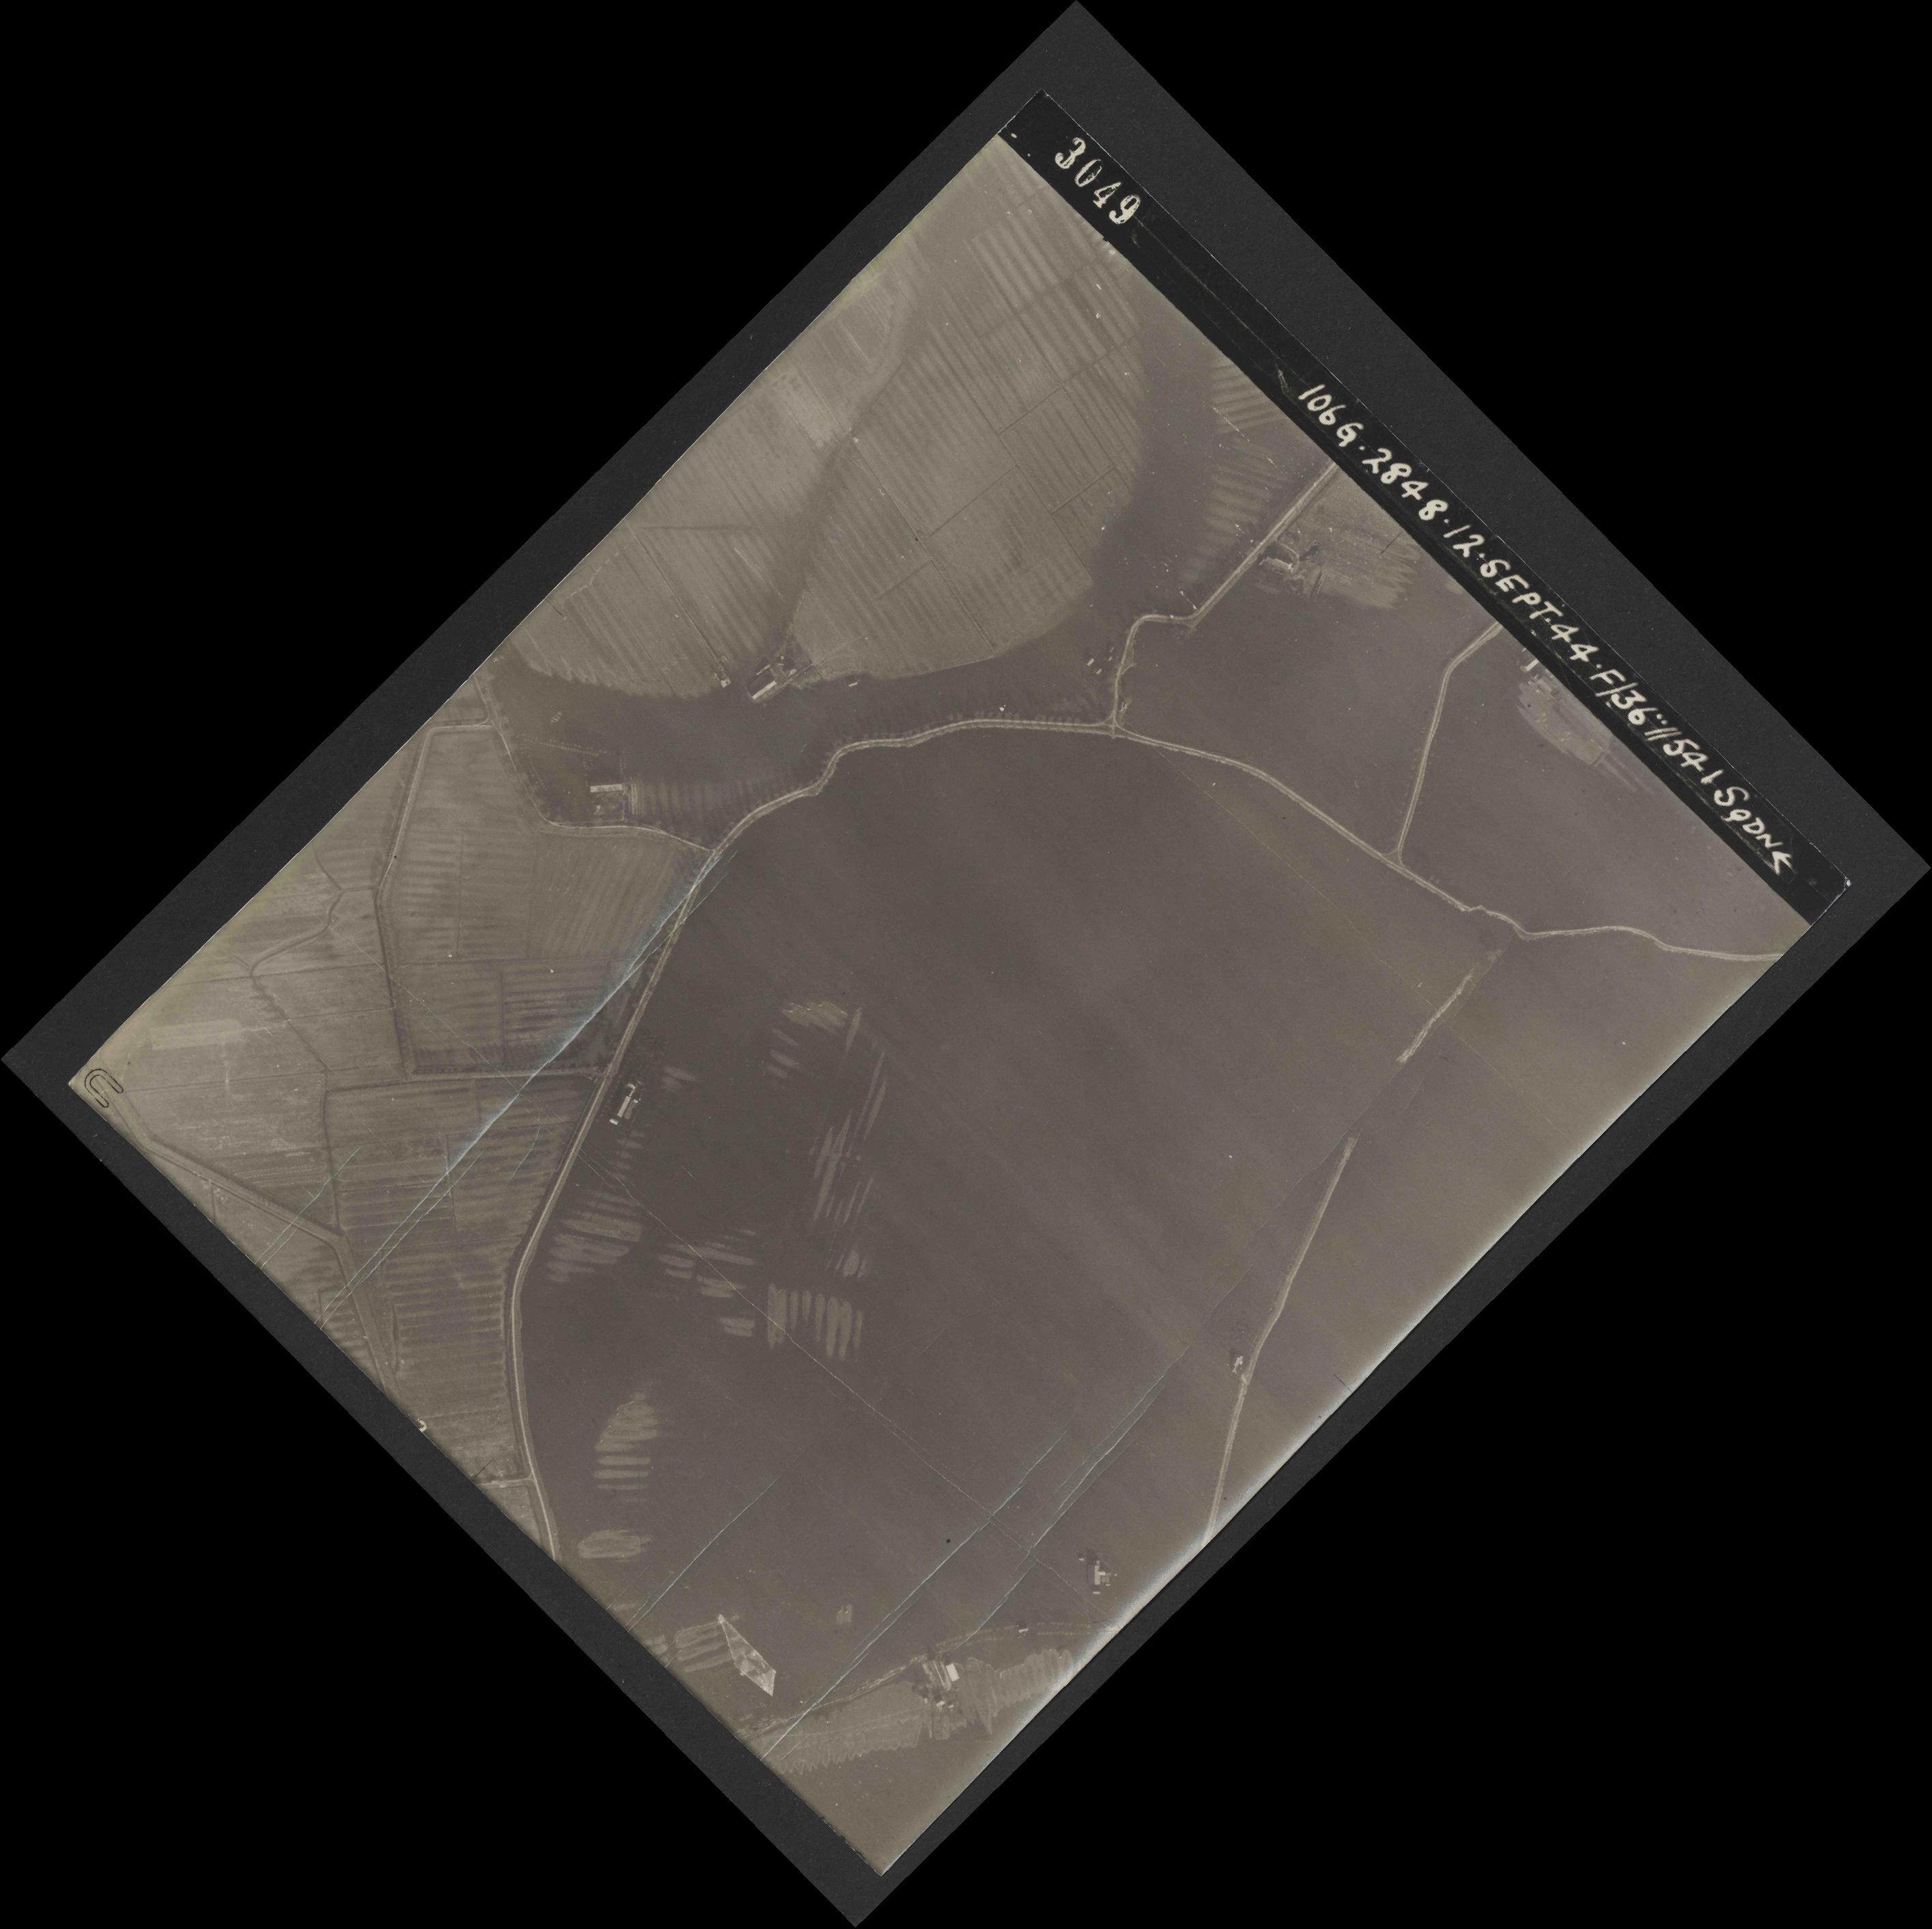 Collection RAF aerial photos 1940-1945 - flight 350, run 01, photo 3049